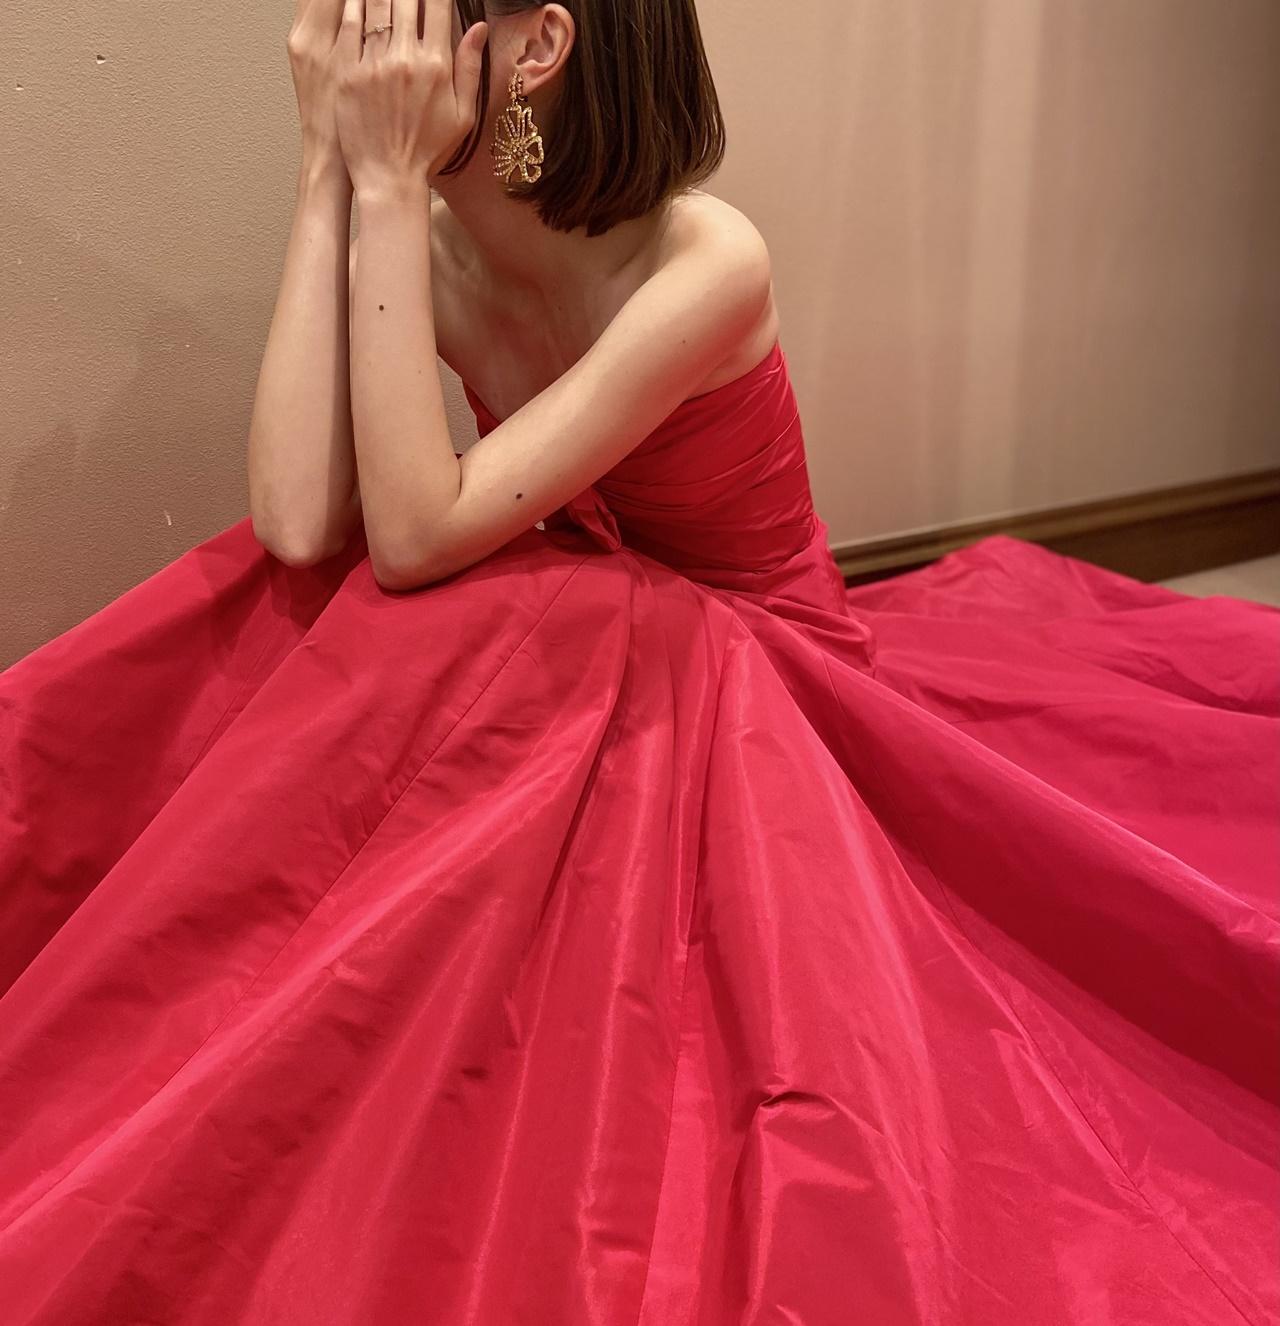 ウィズザスタイルのダイニングのパーティーでは、鮮やかな赤のカラードレスがぴったり